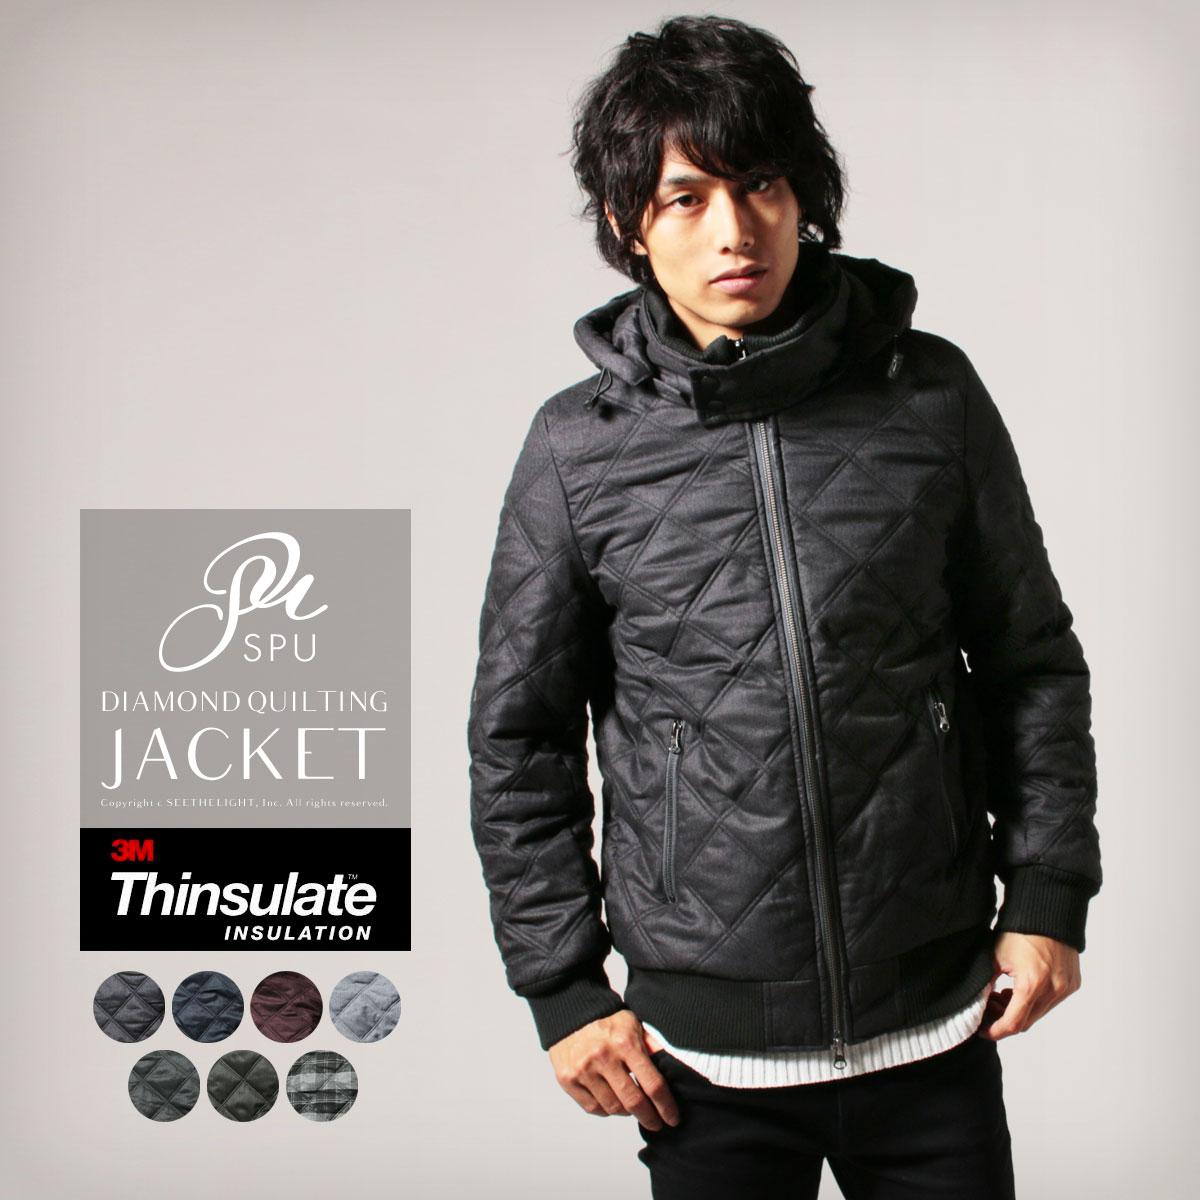 キルティングジャケット ジャケット メンズ 男性 シンサレート高機能中綿素材 ダイヤキルティング 取り外し可能フード付き